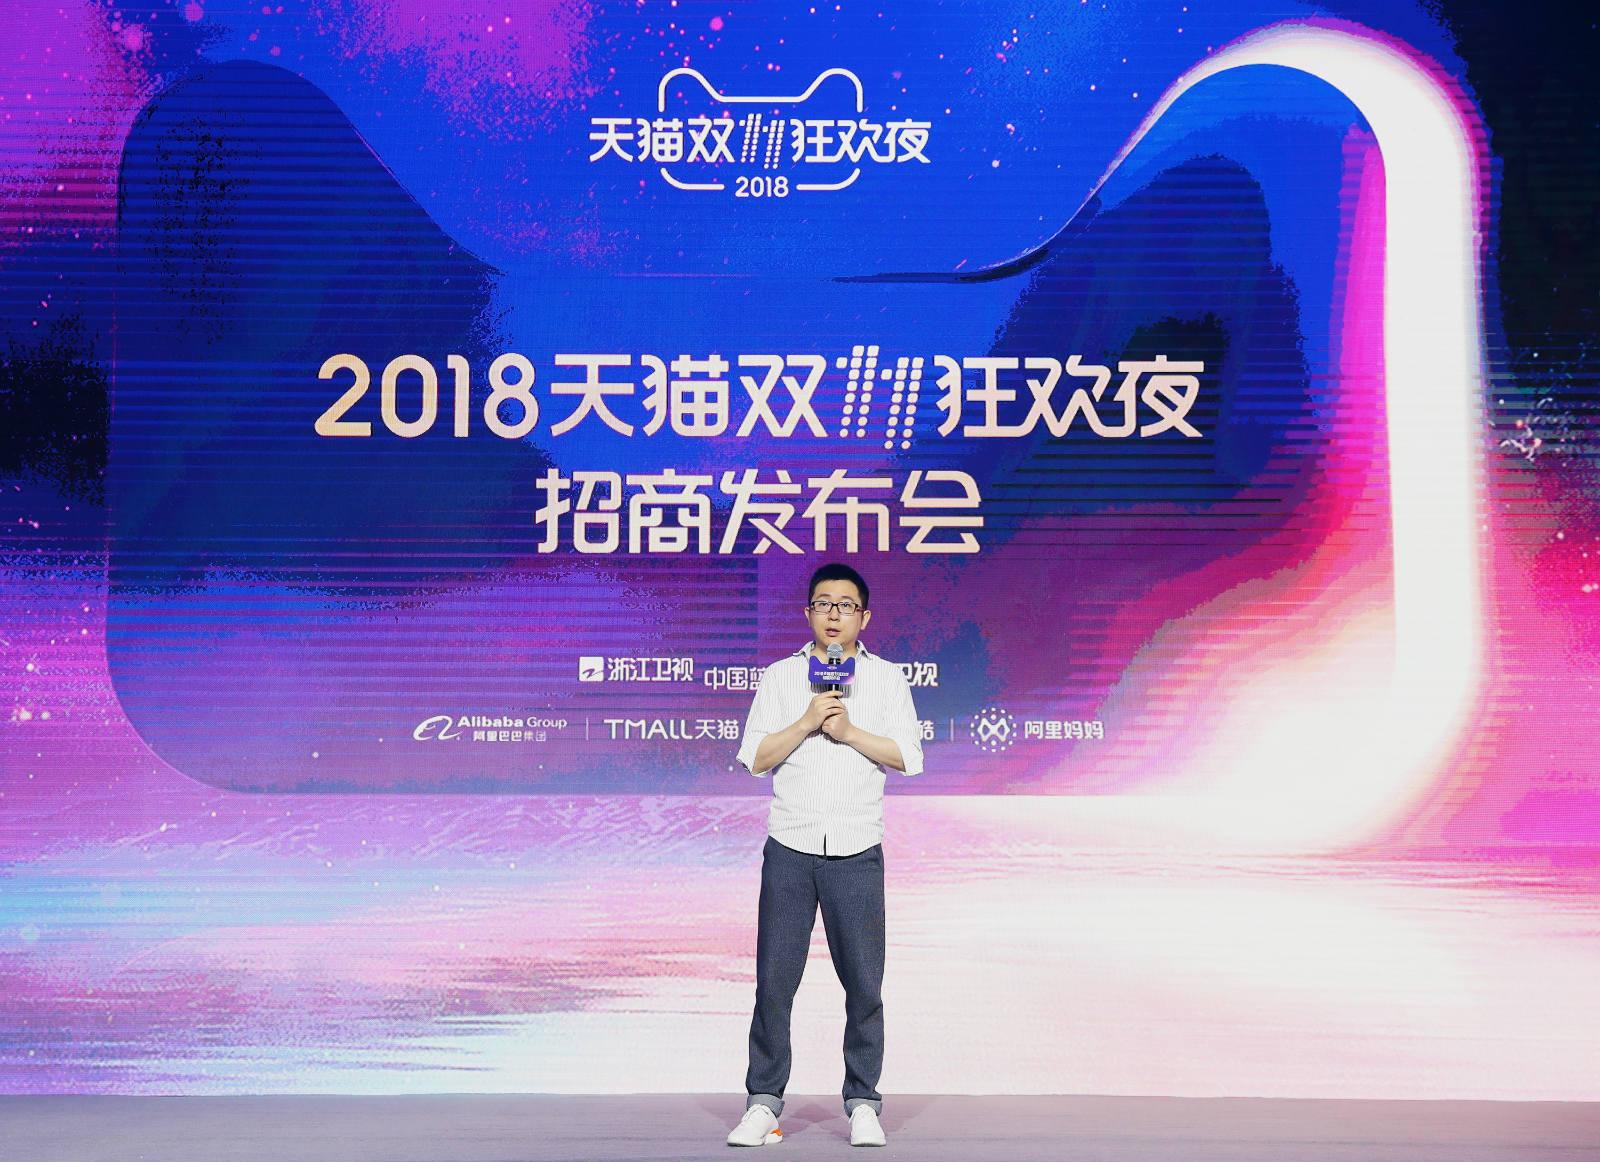 杨伟东 阿里文娱集团轮值总裁兼大优酷总裁、阿里音乐CEO_meitu_12